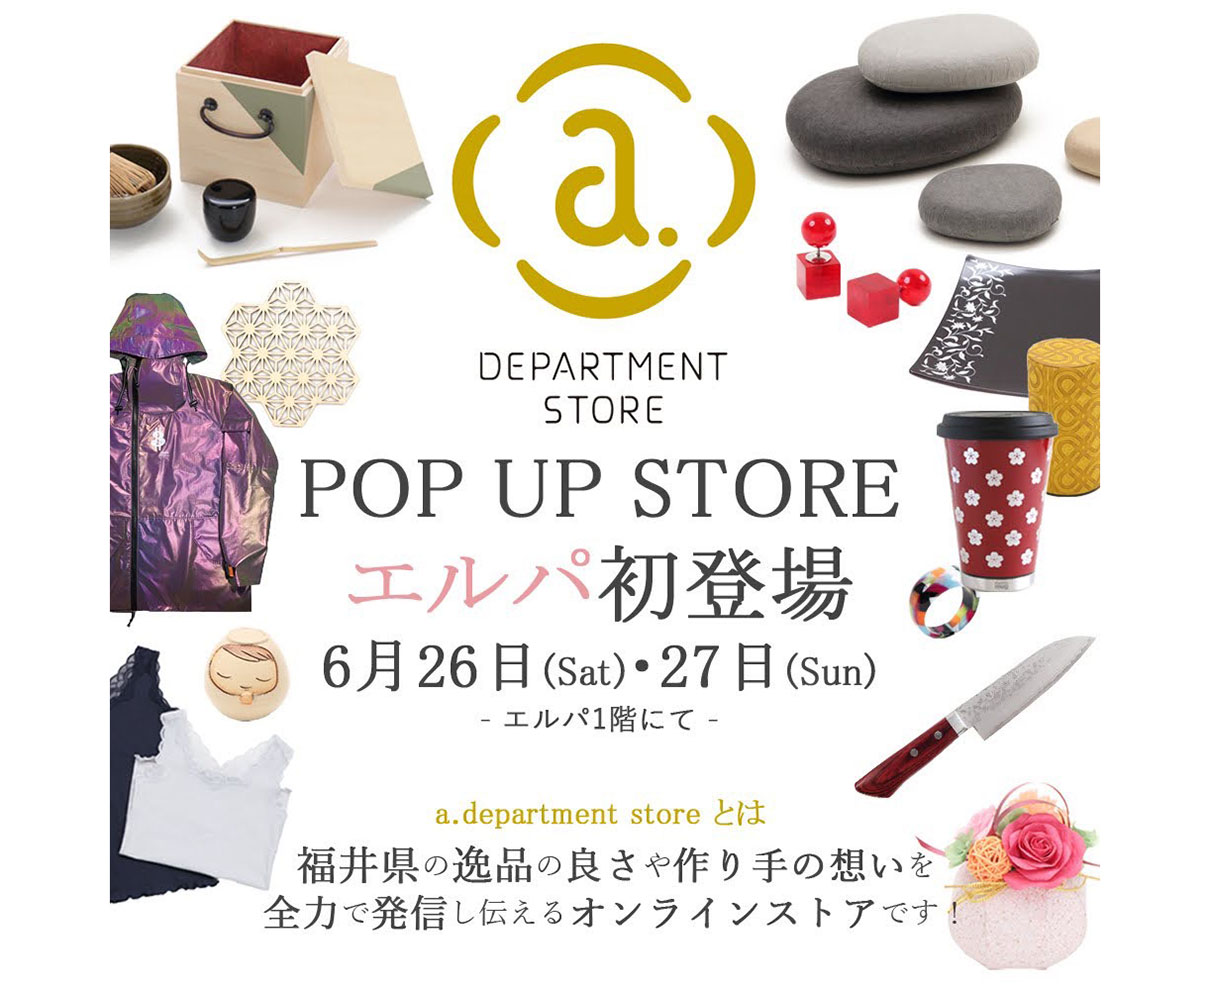 【6/26・27】福井のこだわりの逸品がいっぱい! 『a.department store』のポップアップストアがエルパに初登場♪